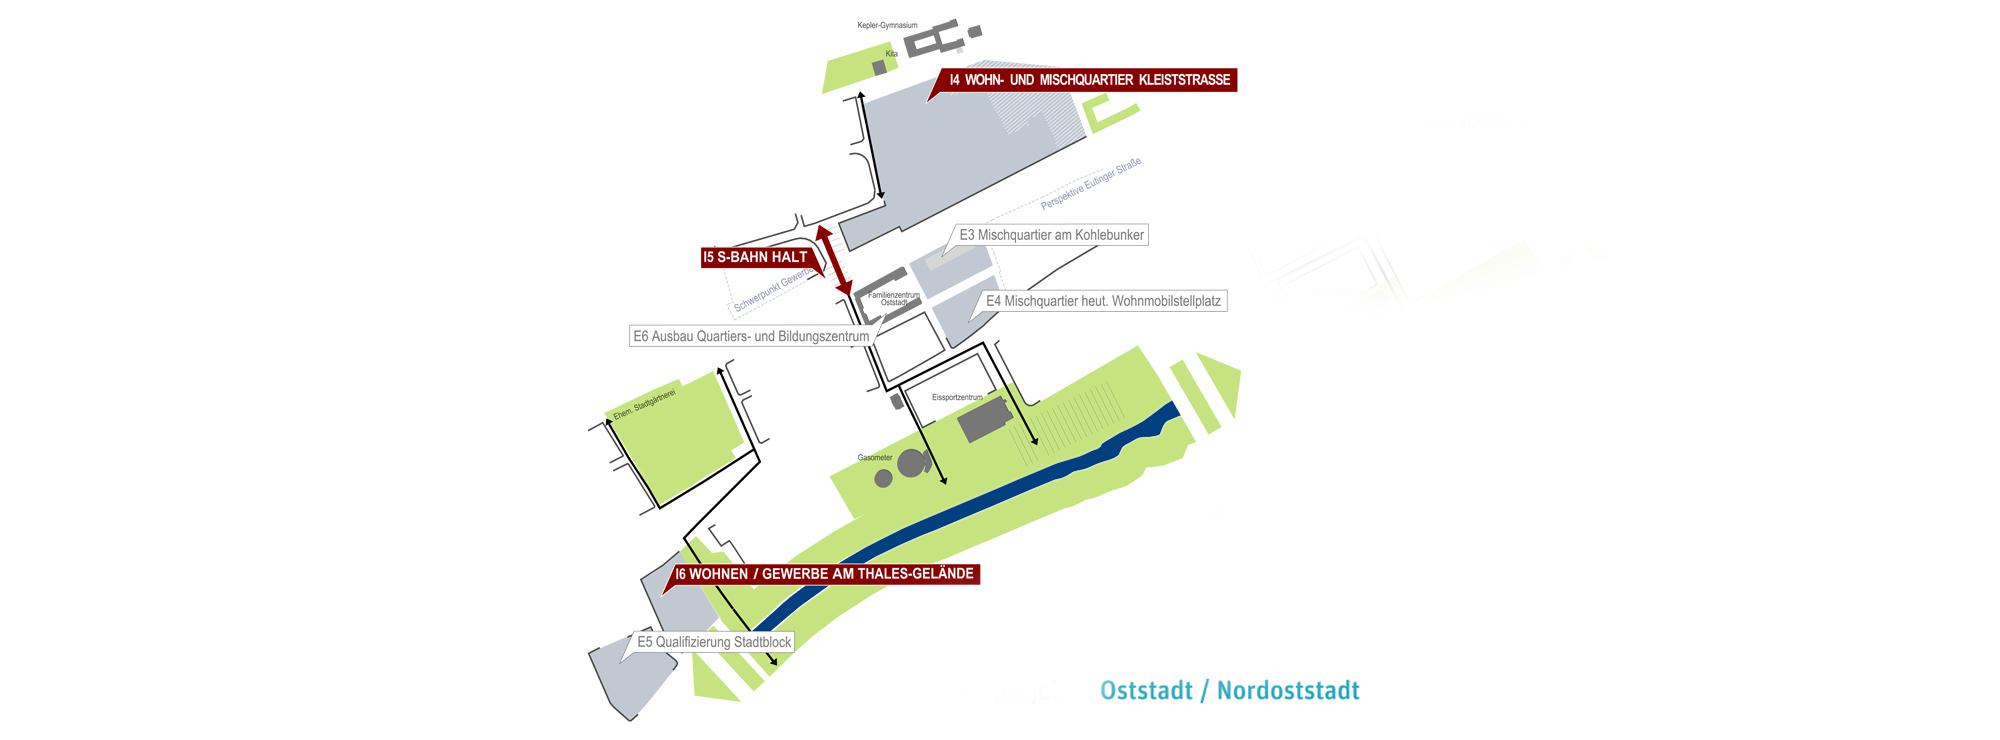 ppas_Pforzheim_Leitbild_Stadtentwicklung_Stadtentwicklungsperspektive_Leitprojekte